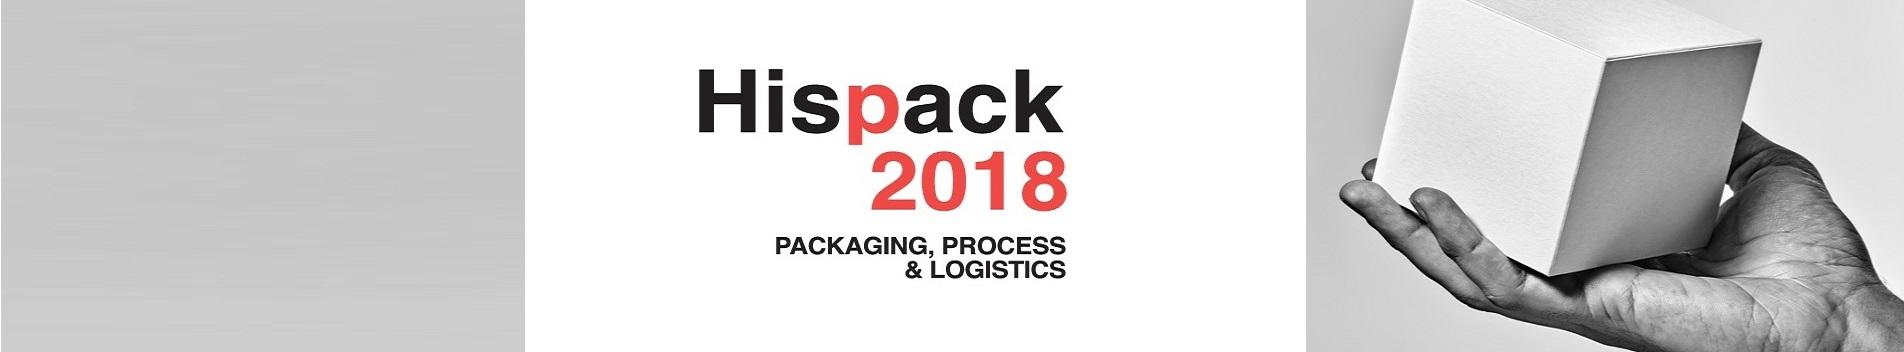 Asobiocom en Hispack 2018